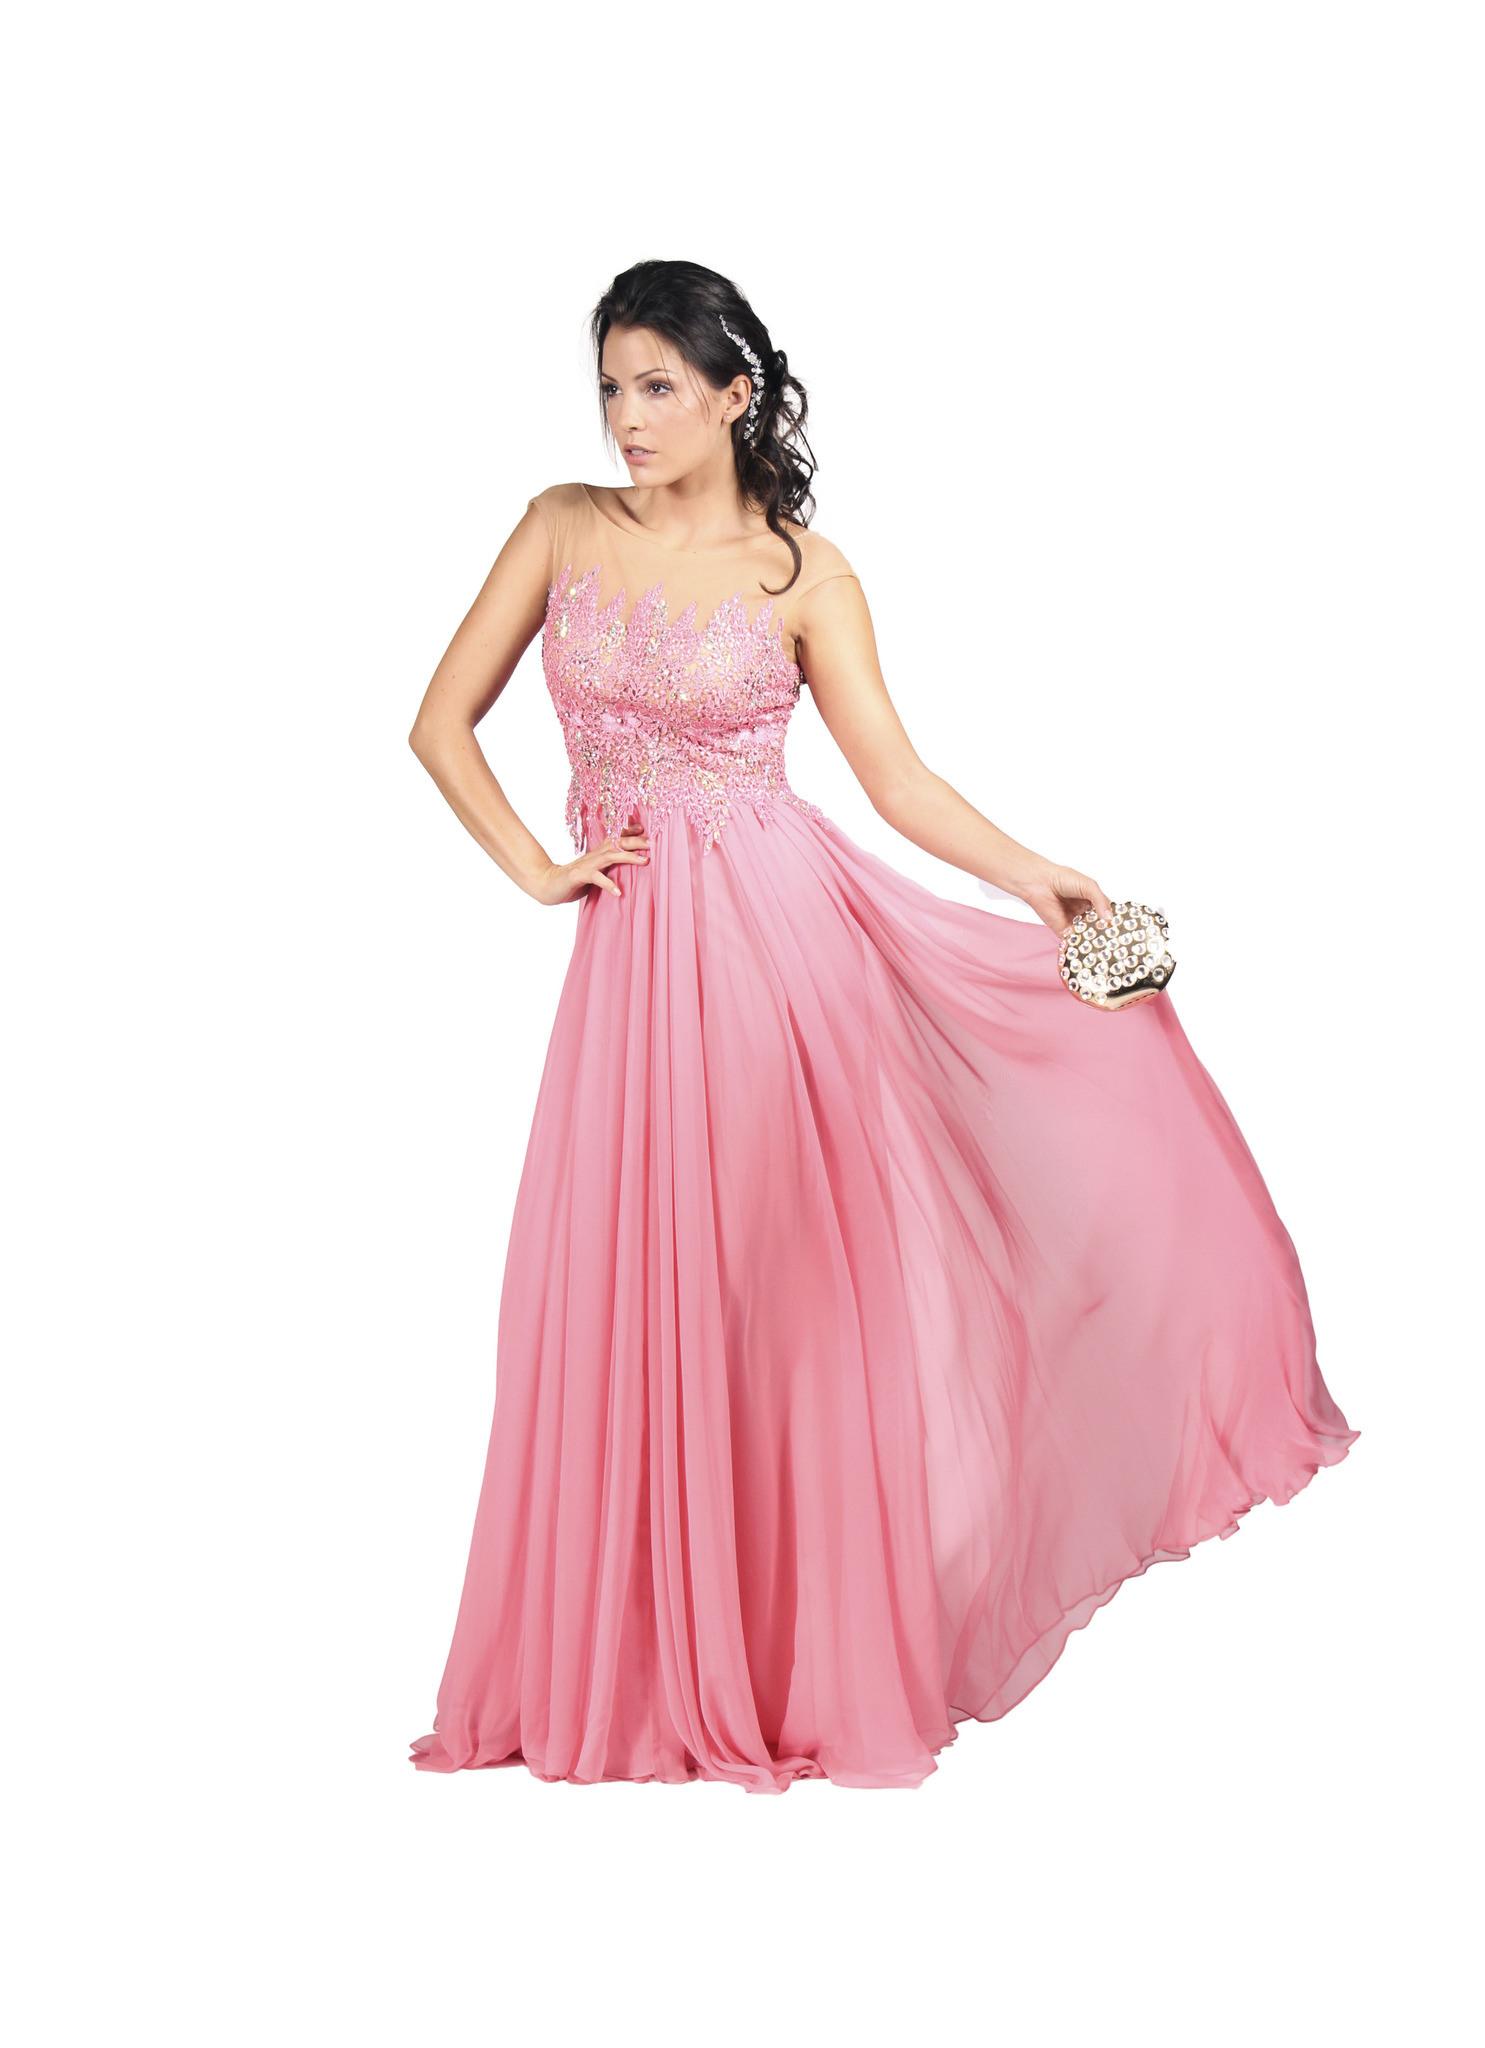 20 Cool Abendkleid Verleih Vertrieb10 Großartig Abendkleid Verleih Bester Preis